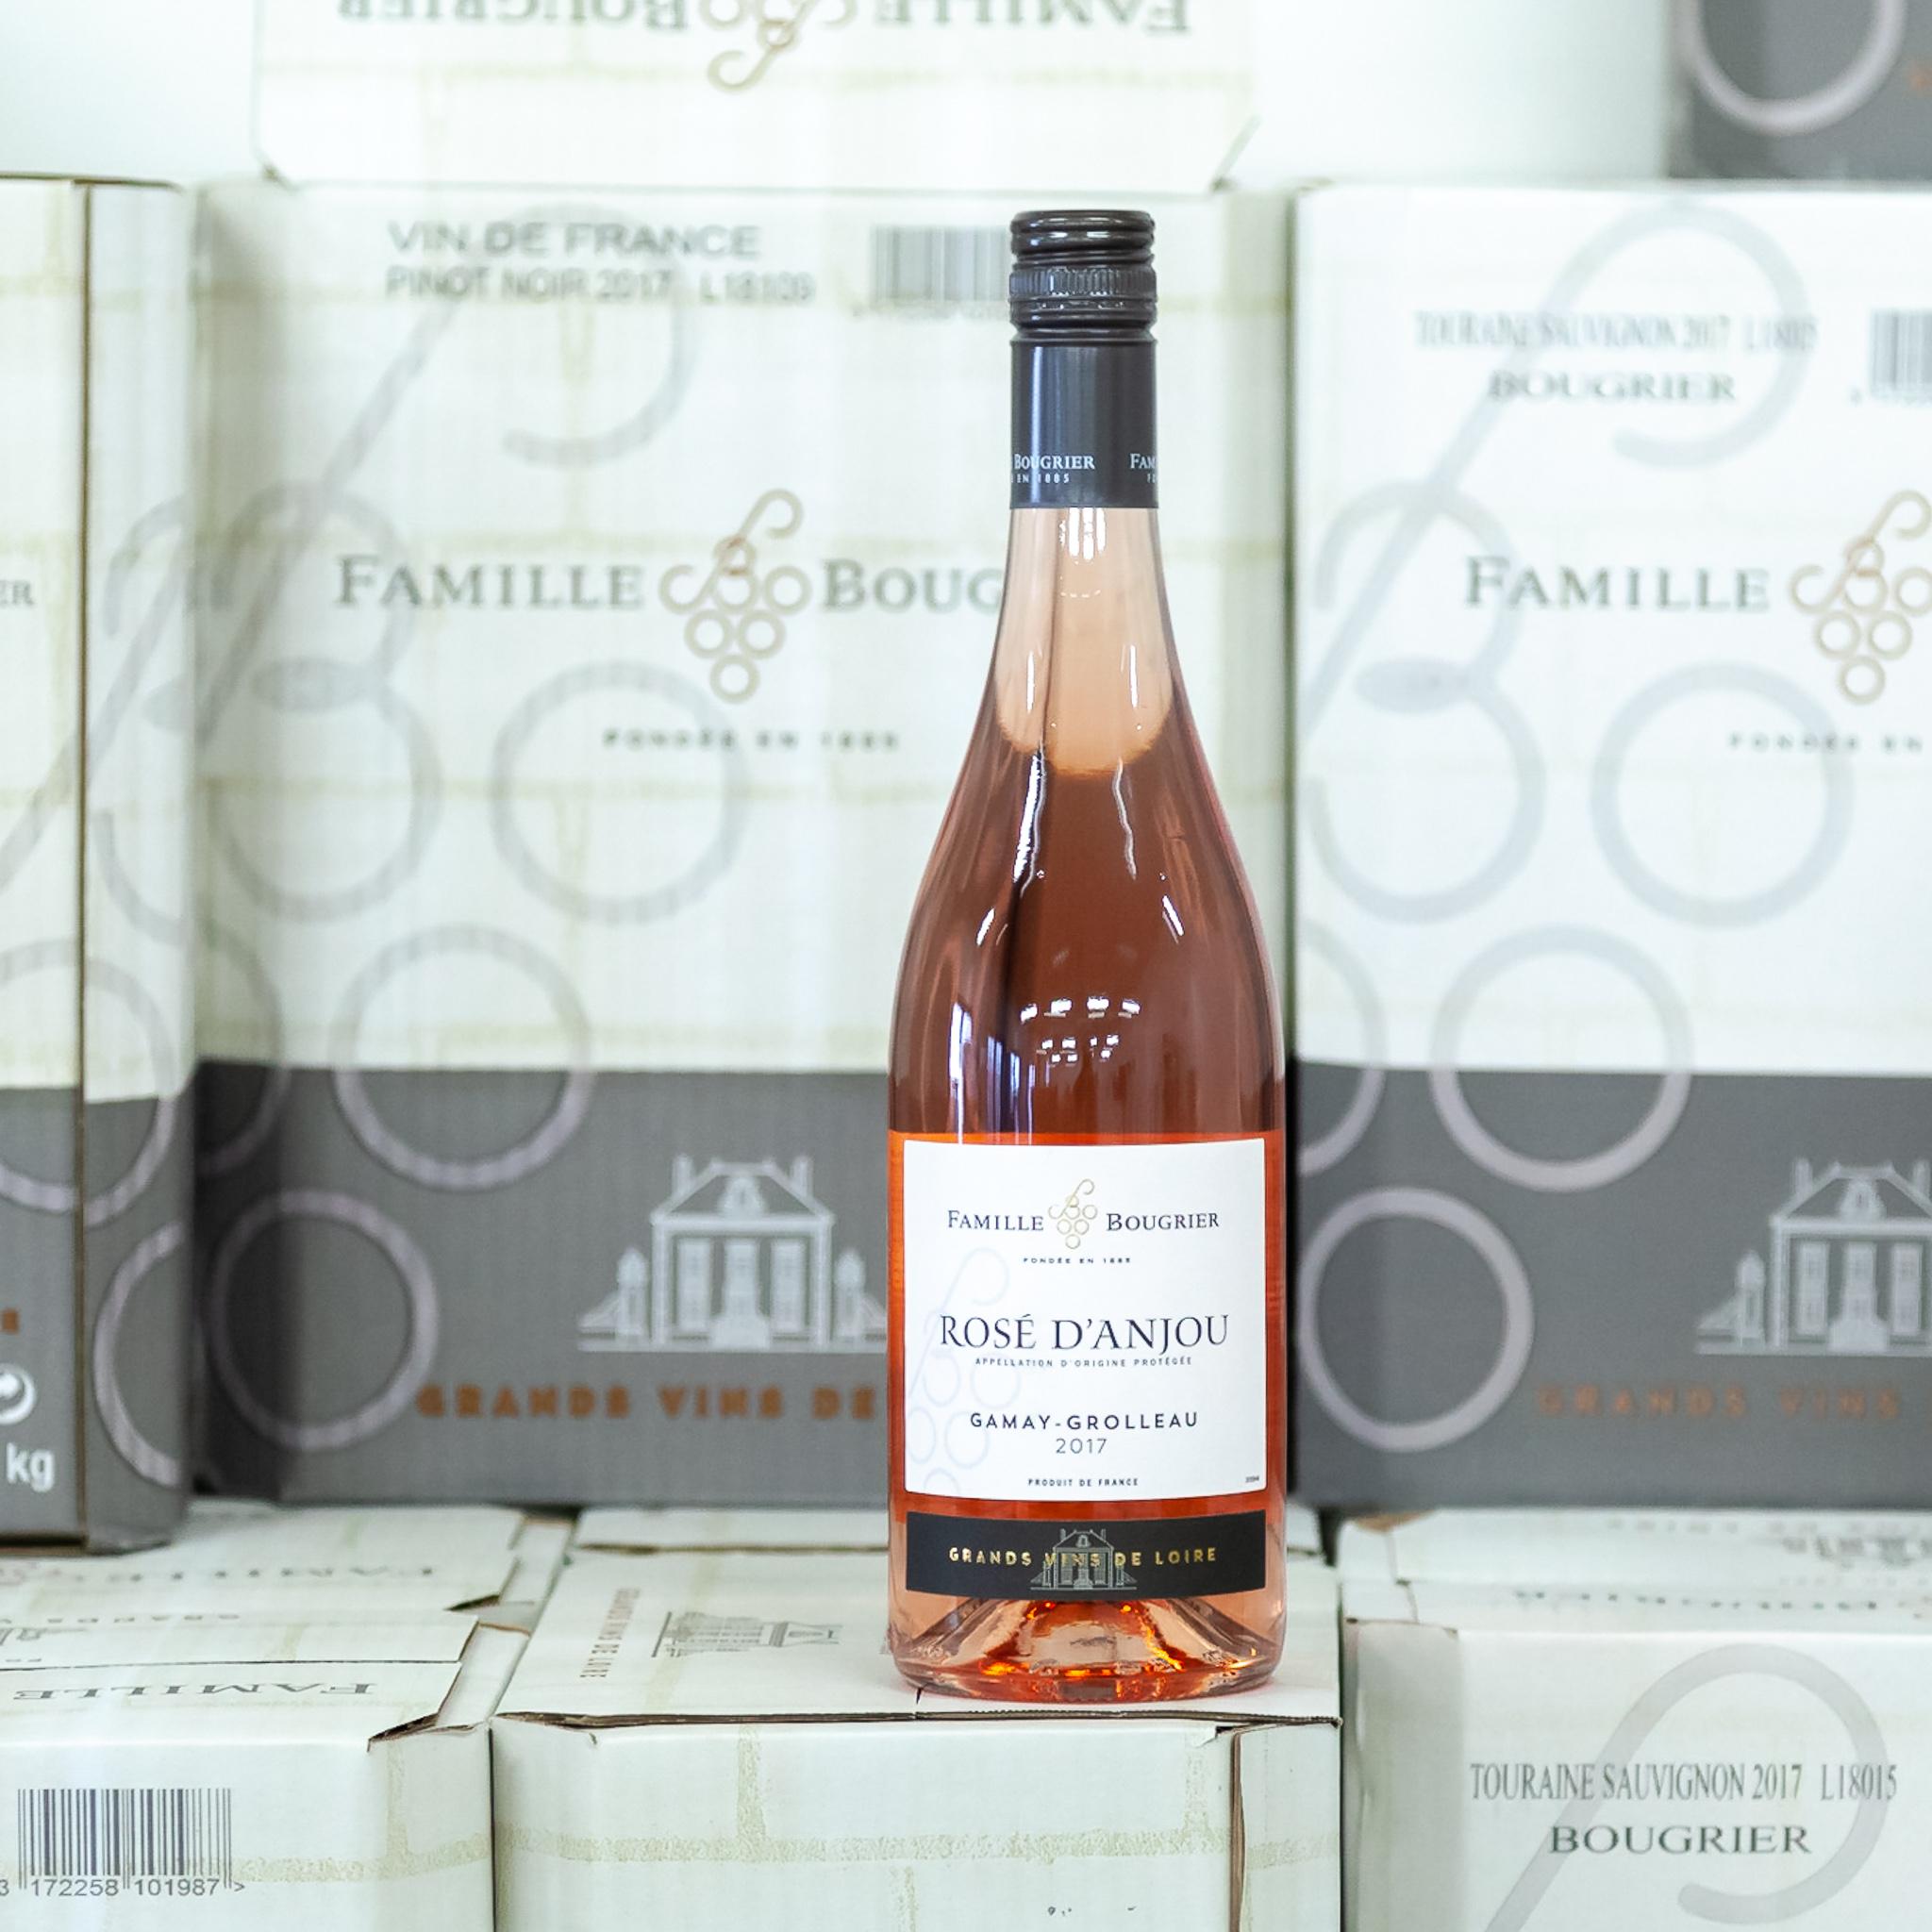 Rose d'Anjou - Jedinečné polosuché víno s 12g zbytkového cukru, tj. méně než obvykle. Víno je komplexnější, č.1 Rose d'Anjou v prodejích v USA